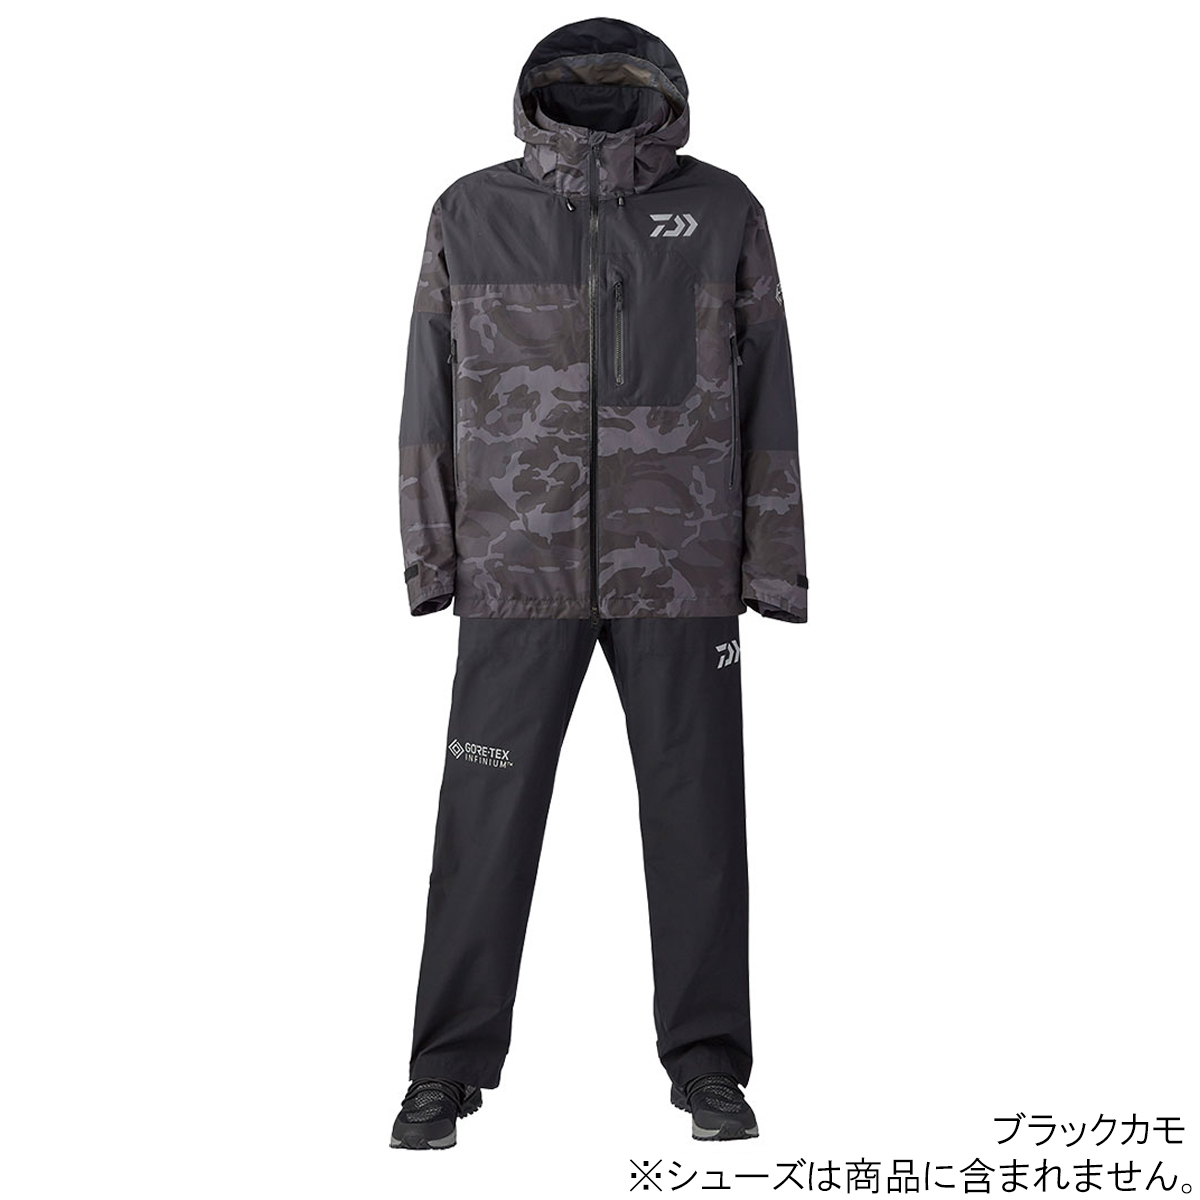 ゴアテックス インフィニアム プロダクト レインスーツ DR-19020 2XL ブラックカモ ダイワ【同梱不可】